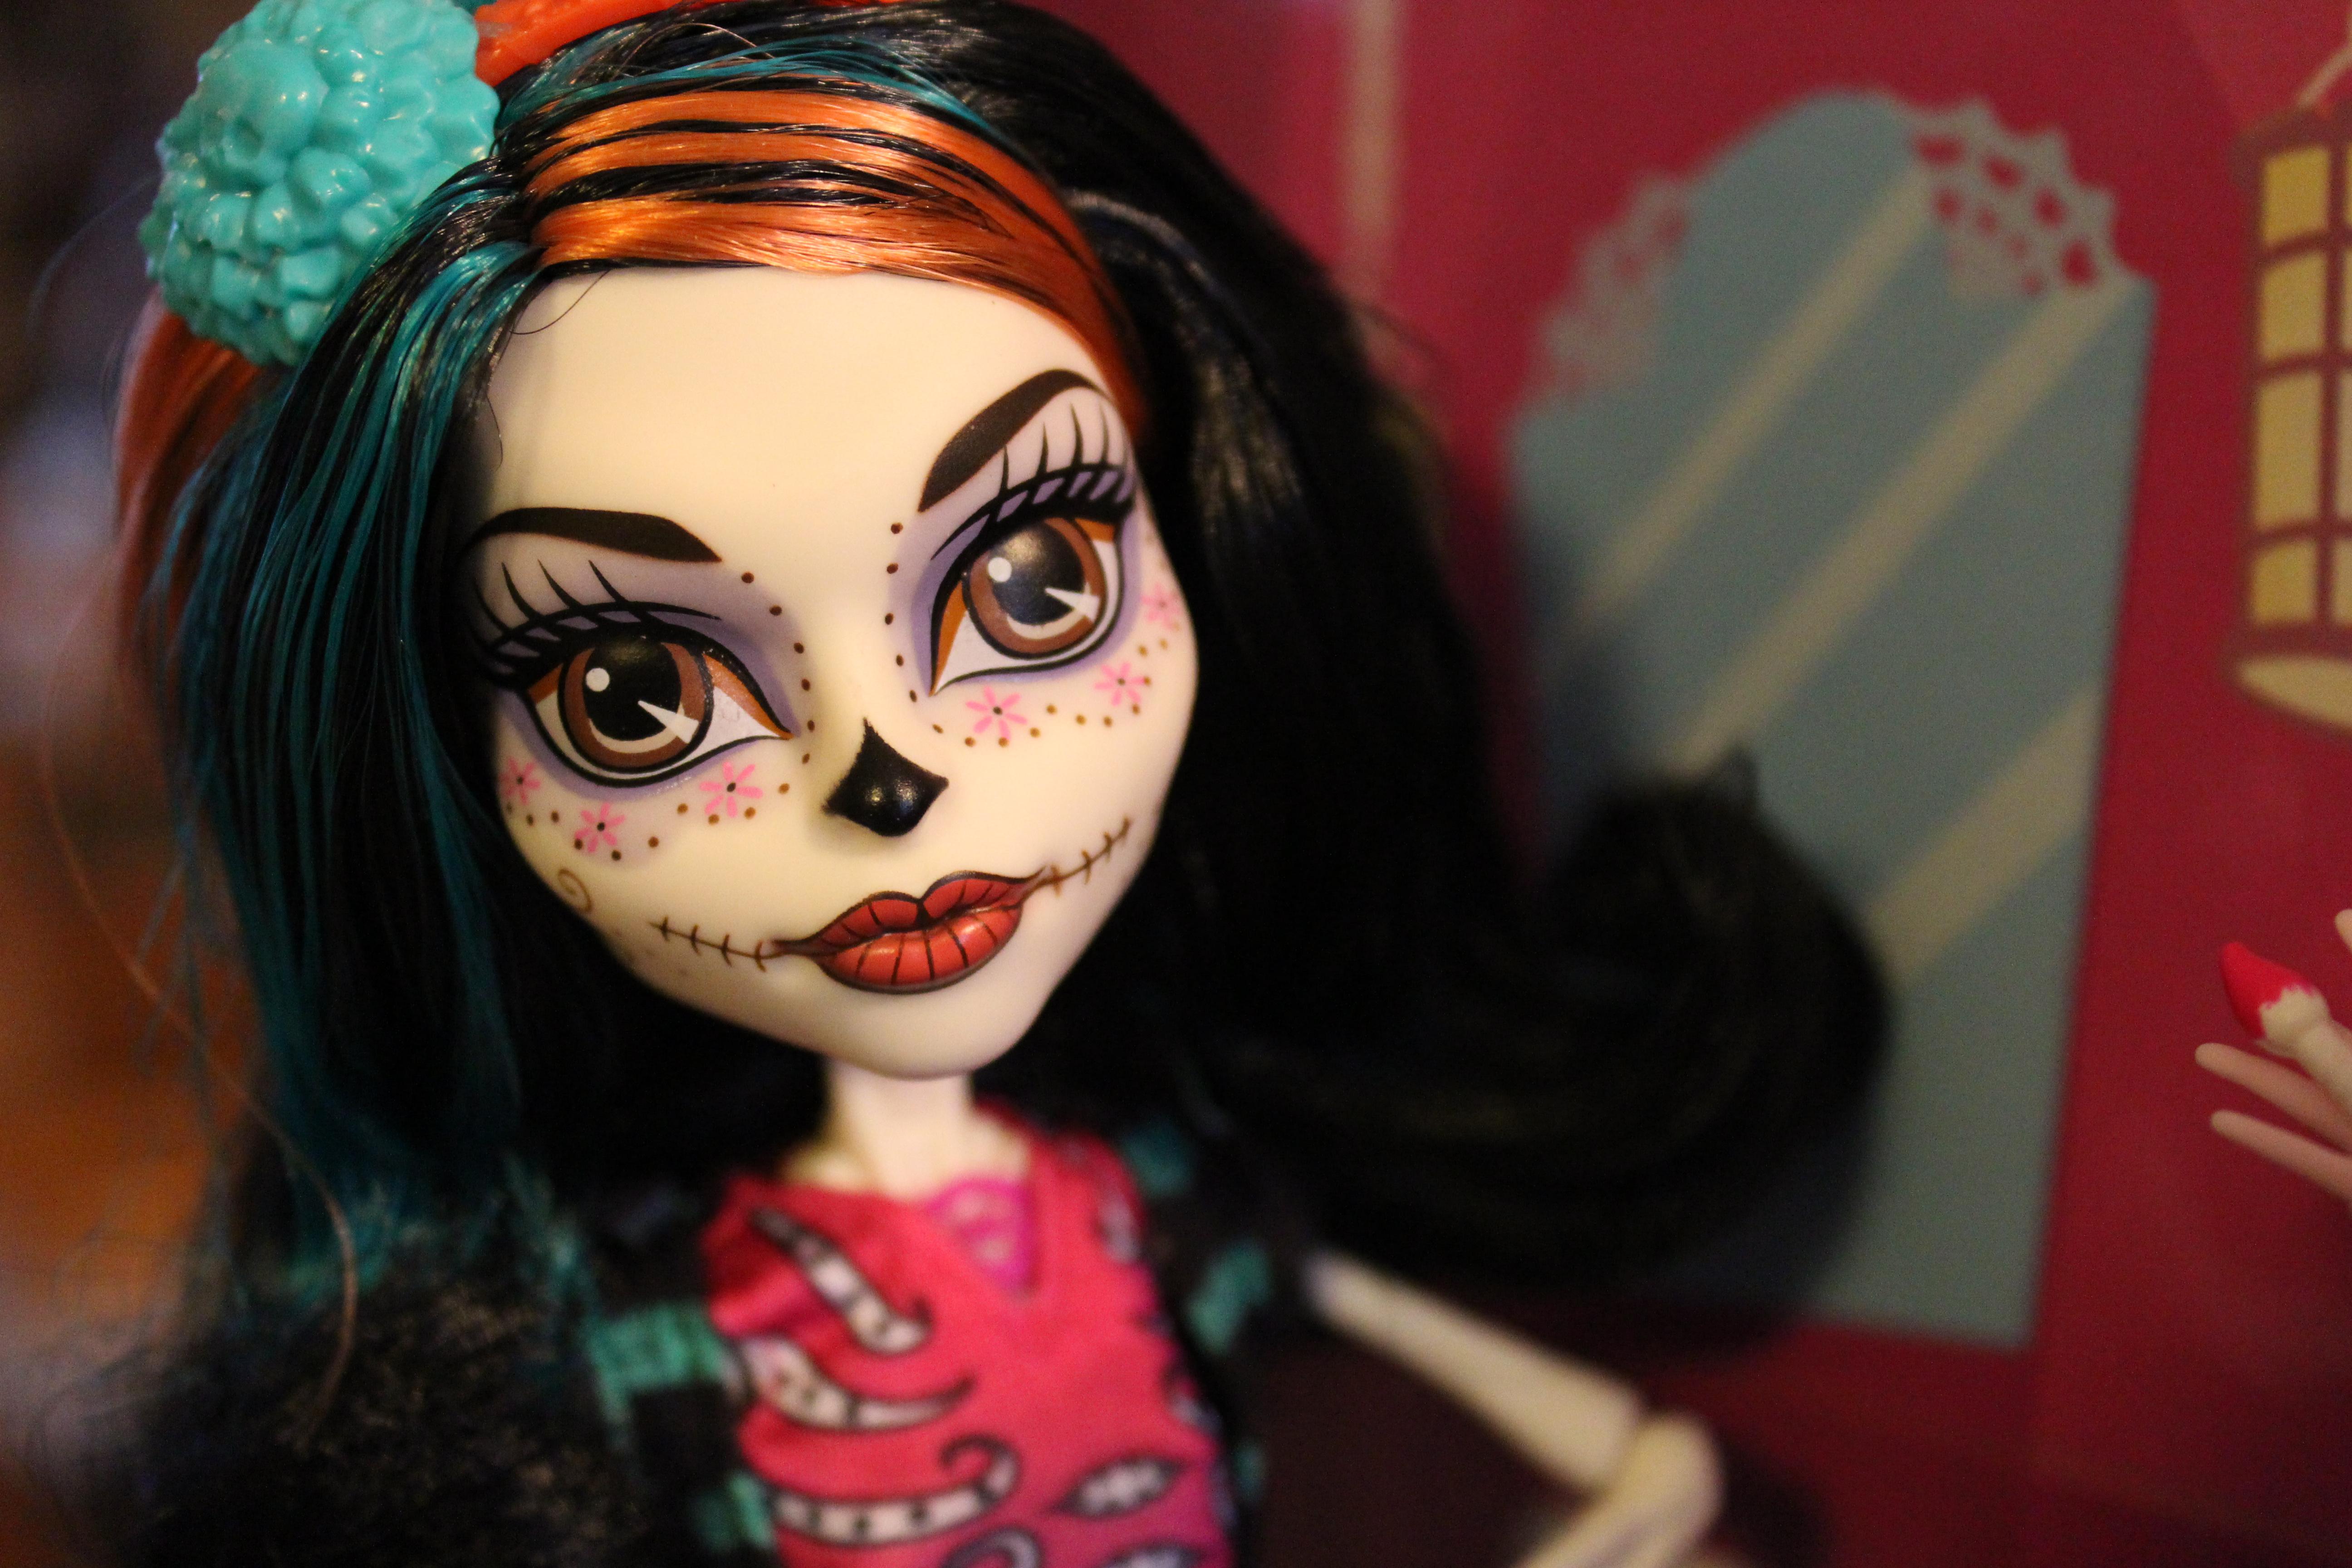 есть кукла мх скелита поделитесь своей